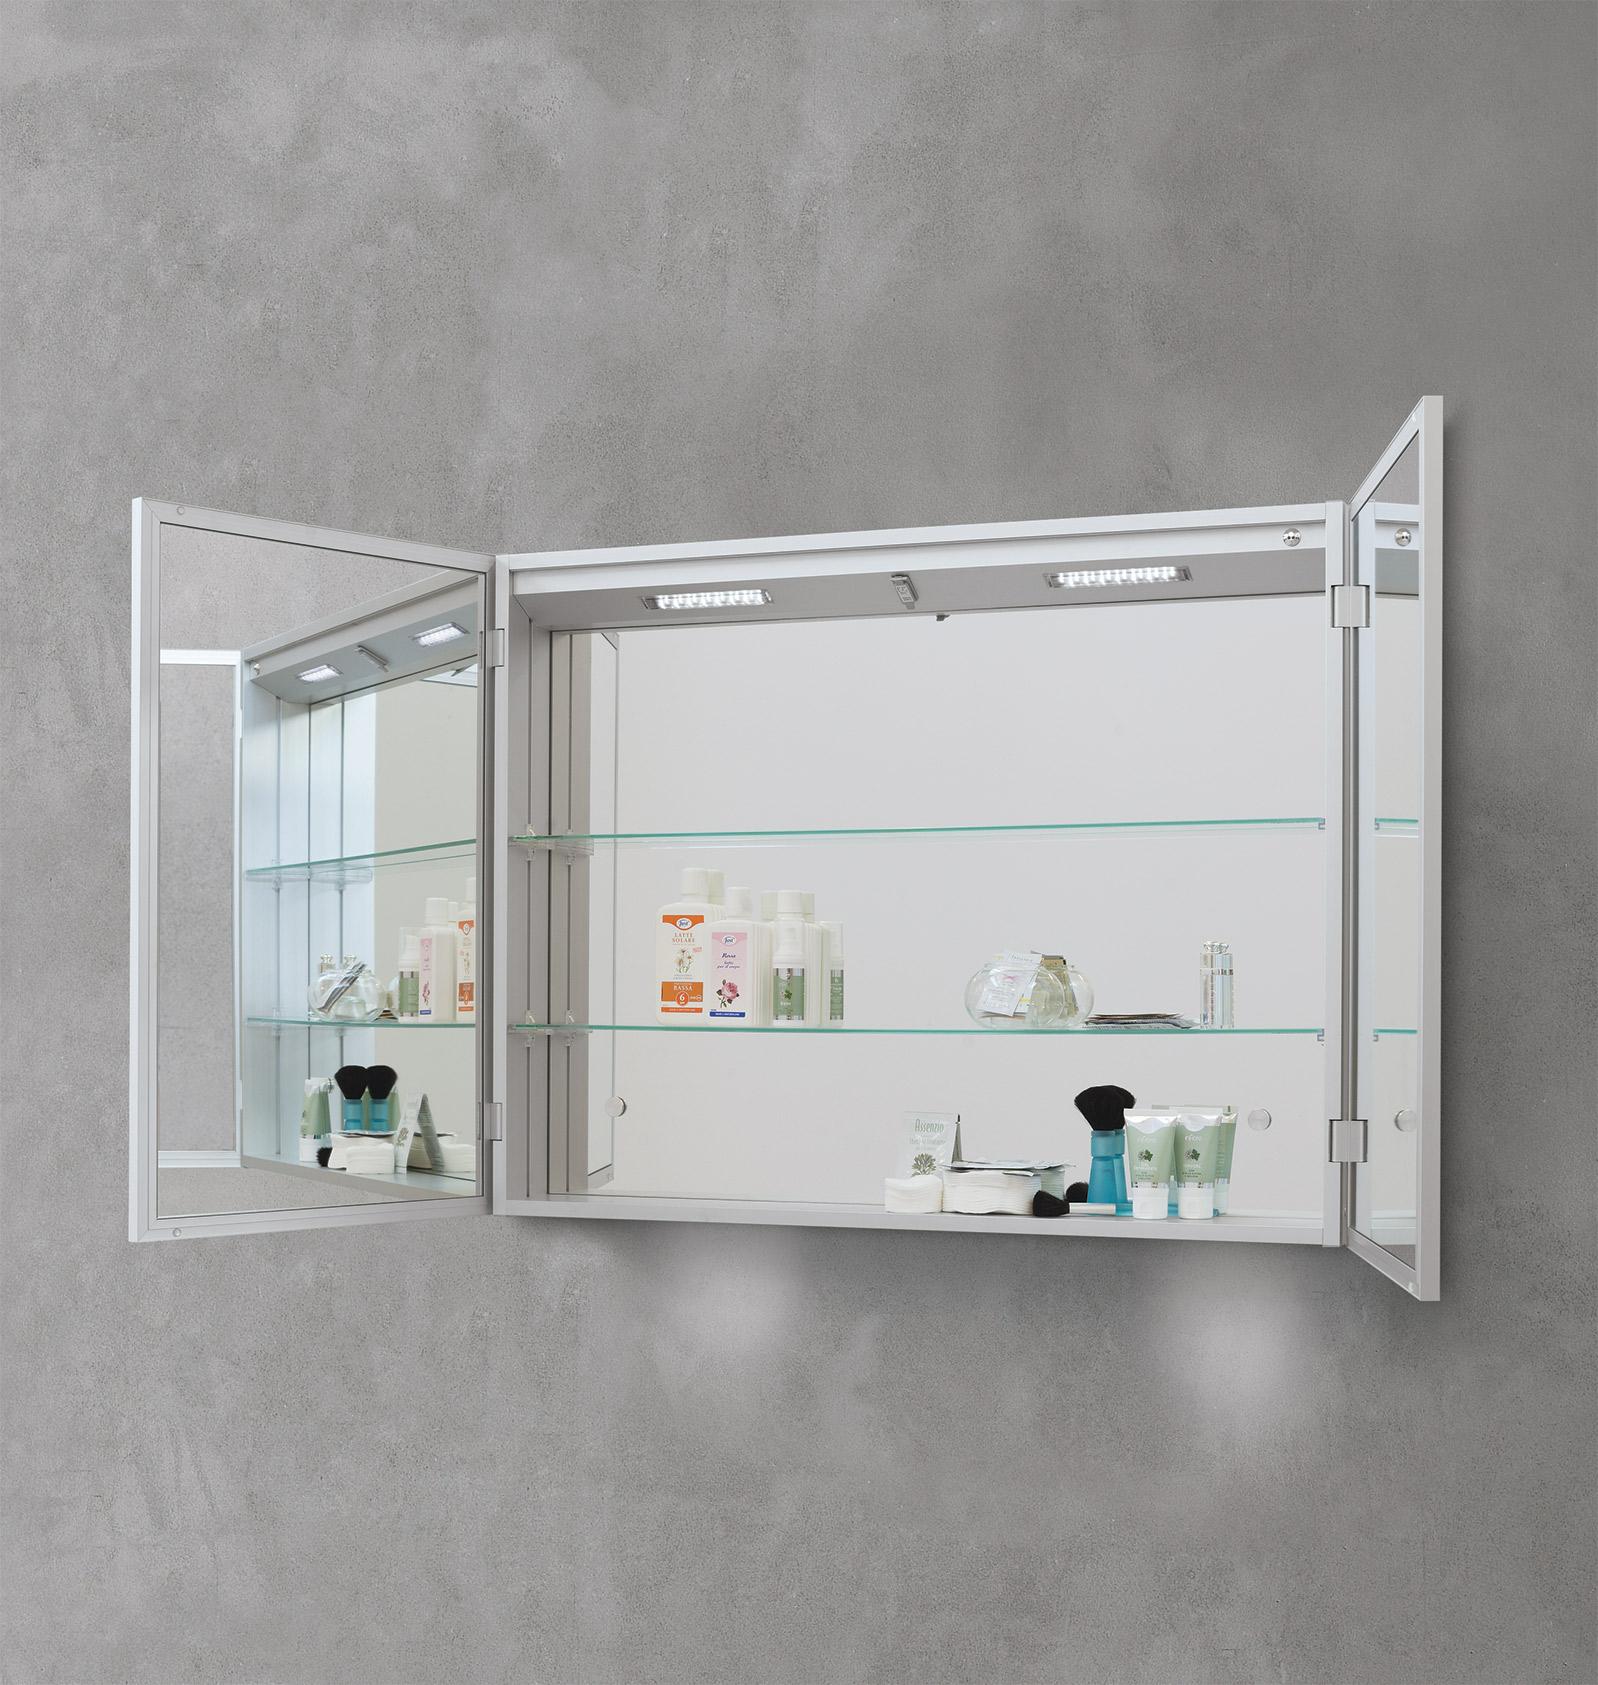 Specchiere bagno contenitore sintesibagnoblog - Specchio in bagno ...